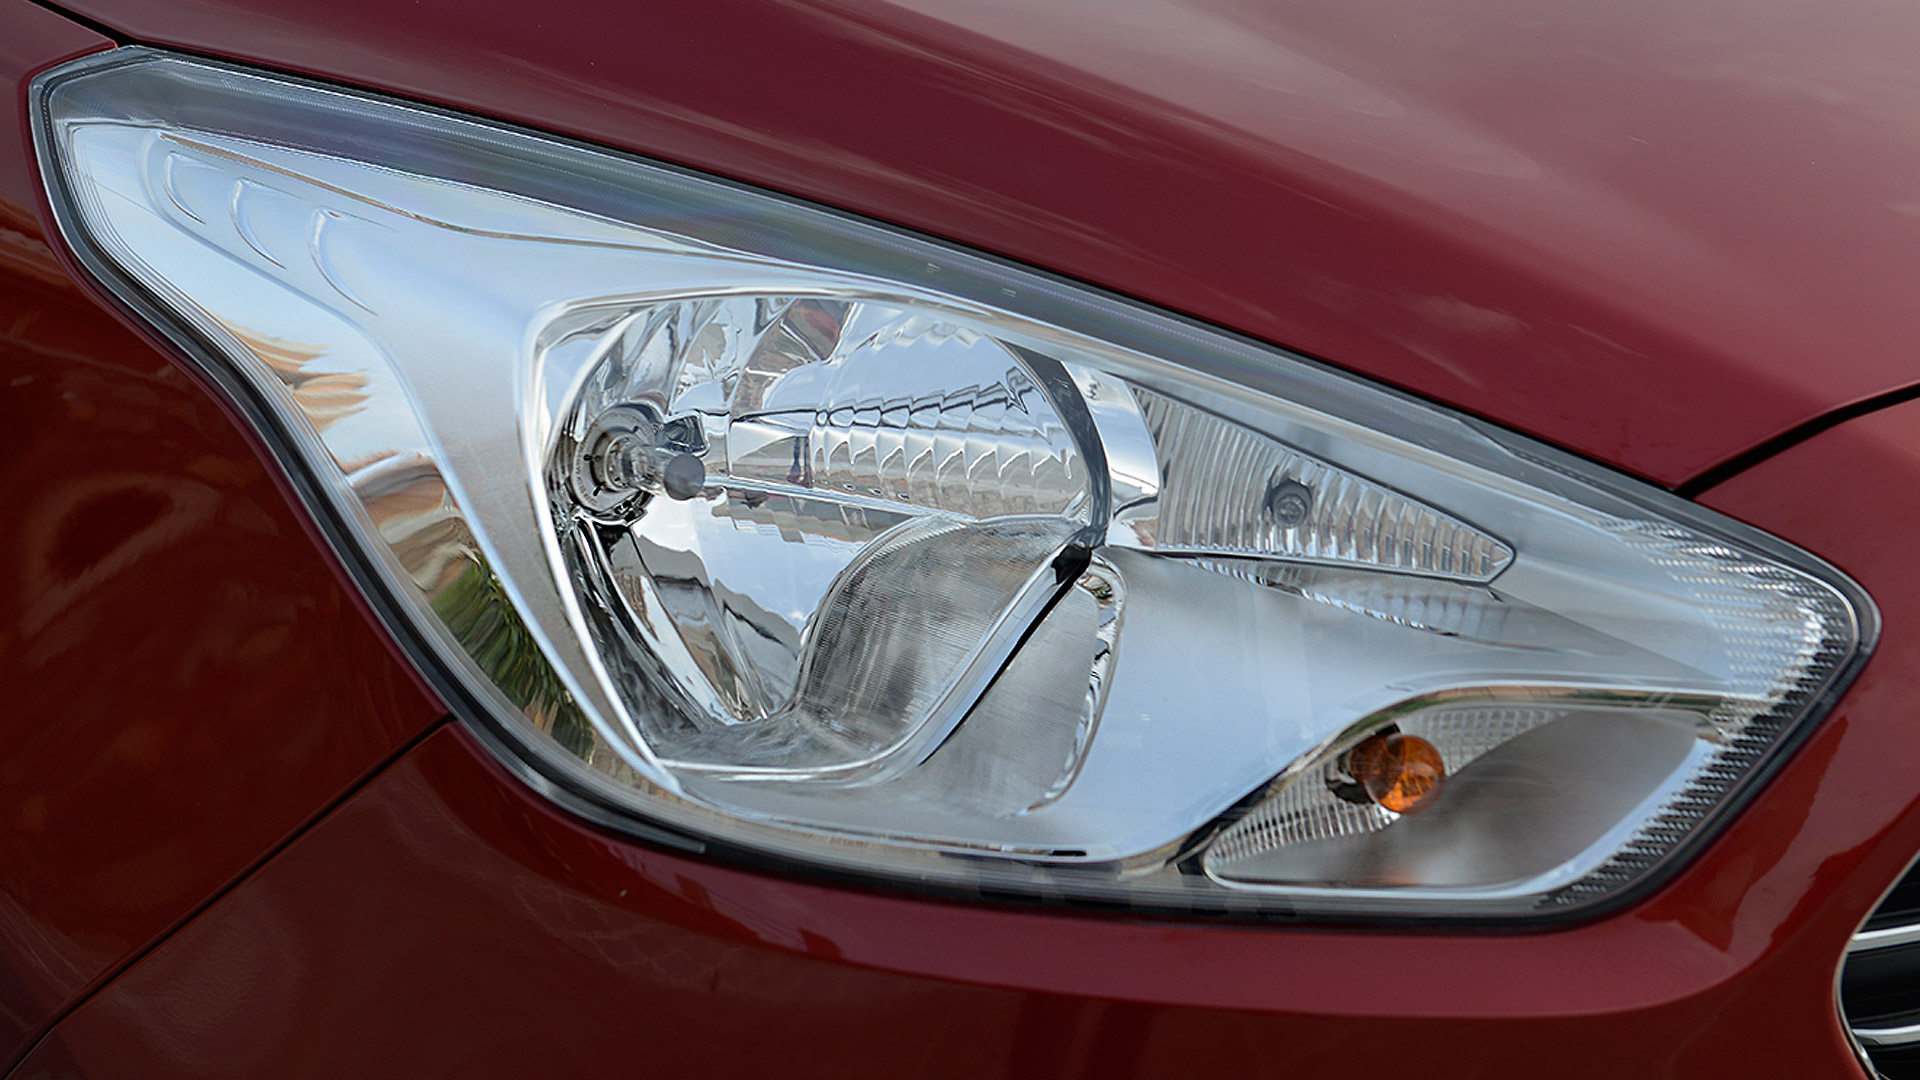 Ford Figo Aspire 2015 Diesel 1.5MT Titanium Exterior